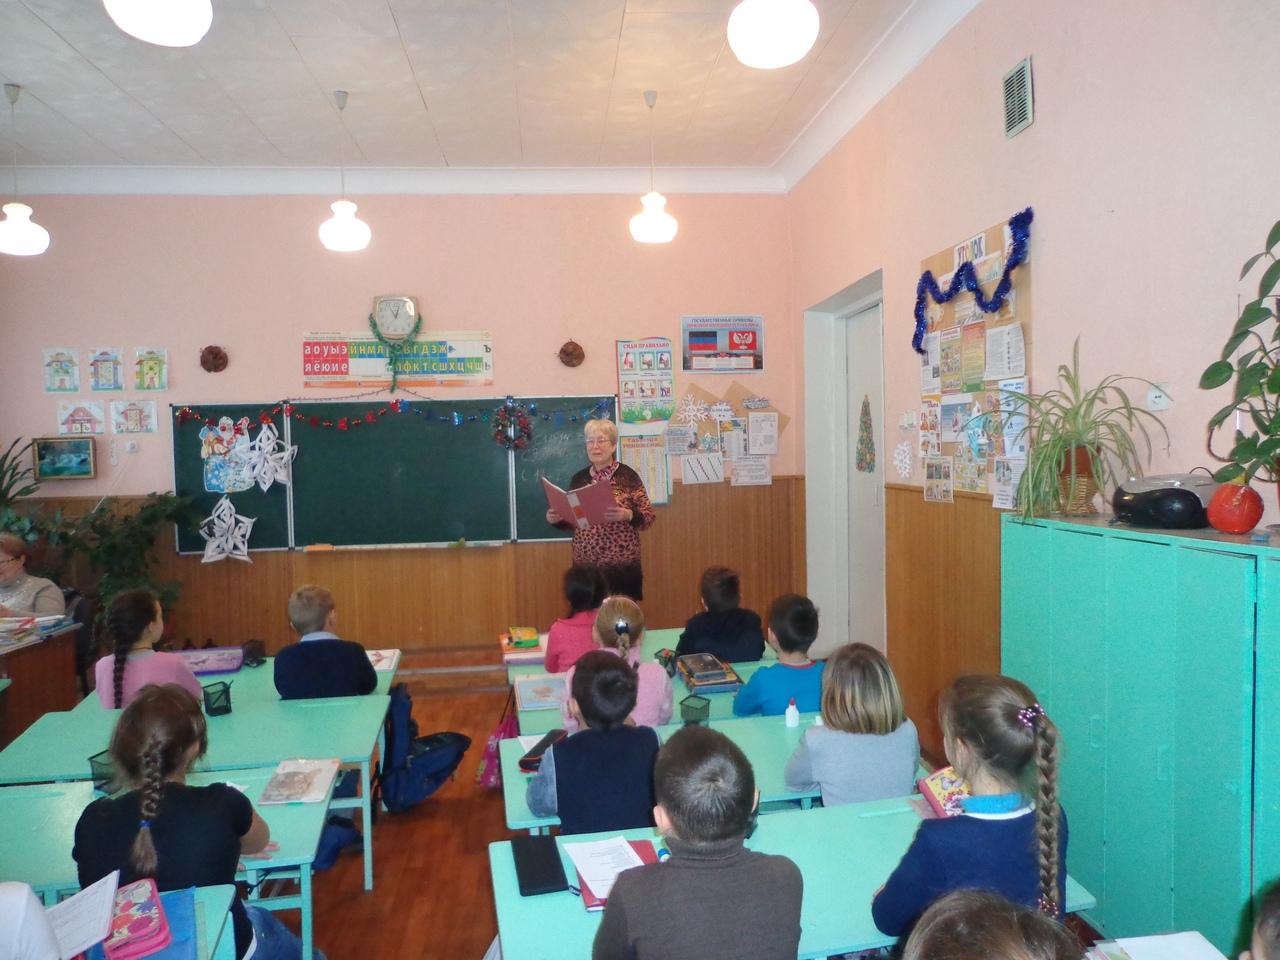 Донецкая республиканская библиотека для детей, отдел обслуживания учащихся 5-9 классов, святой николай, занятия с детьми